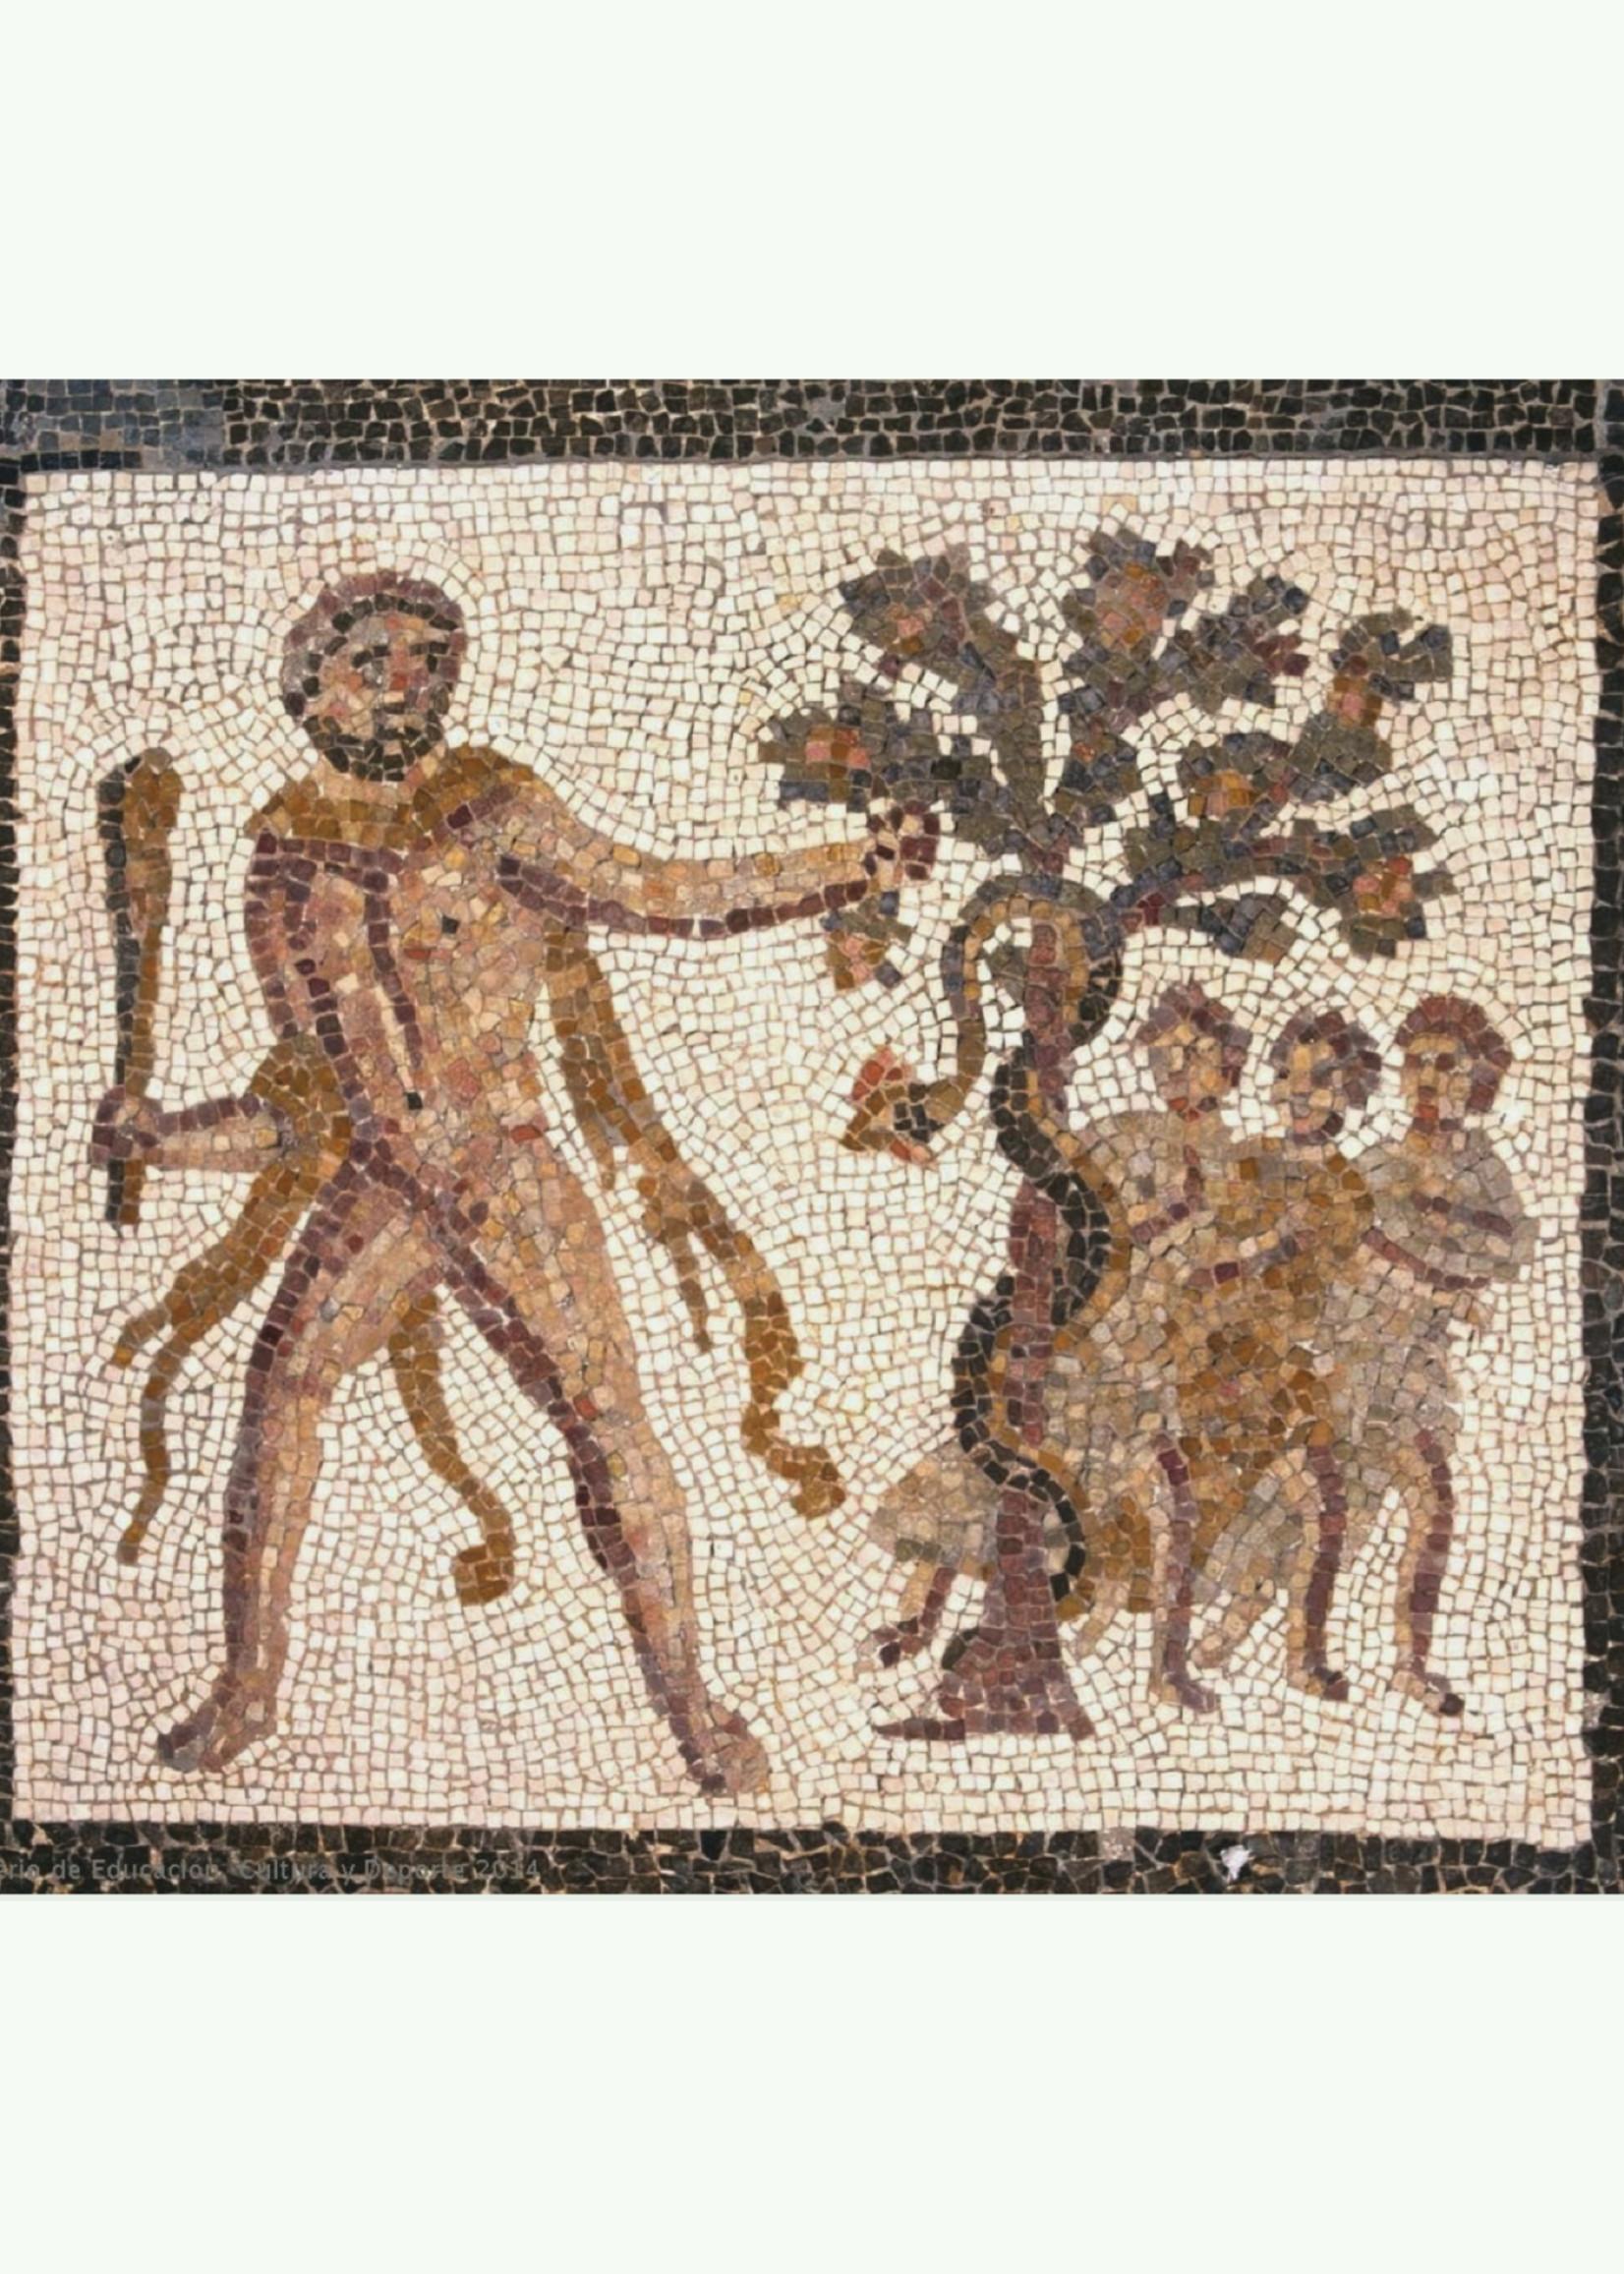 Manos Gerakinis Manos Gerakinis - Athenian Essence - Scented Candle 145 gr